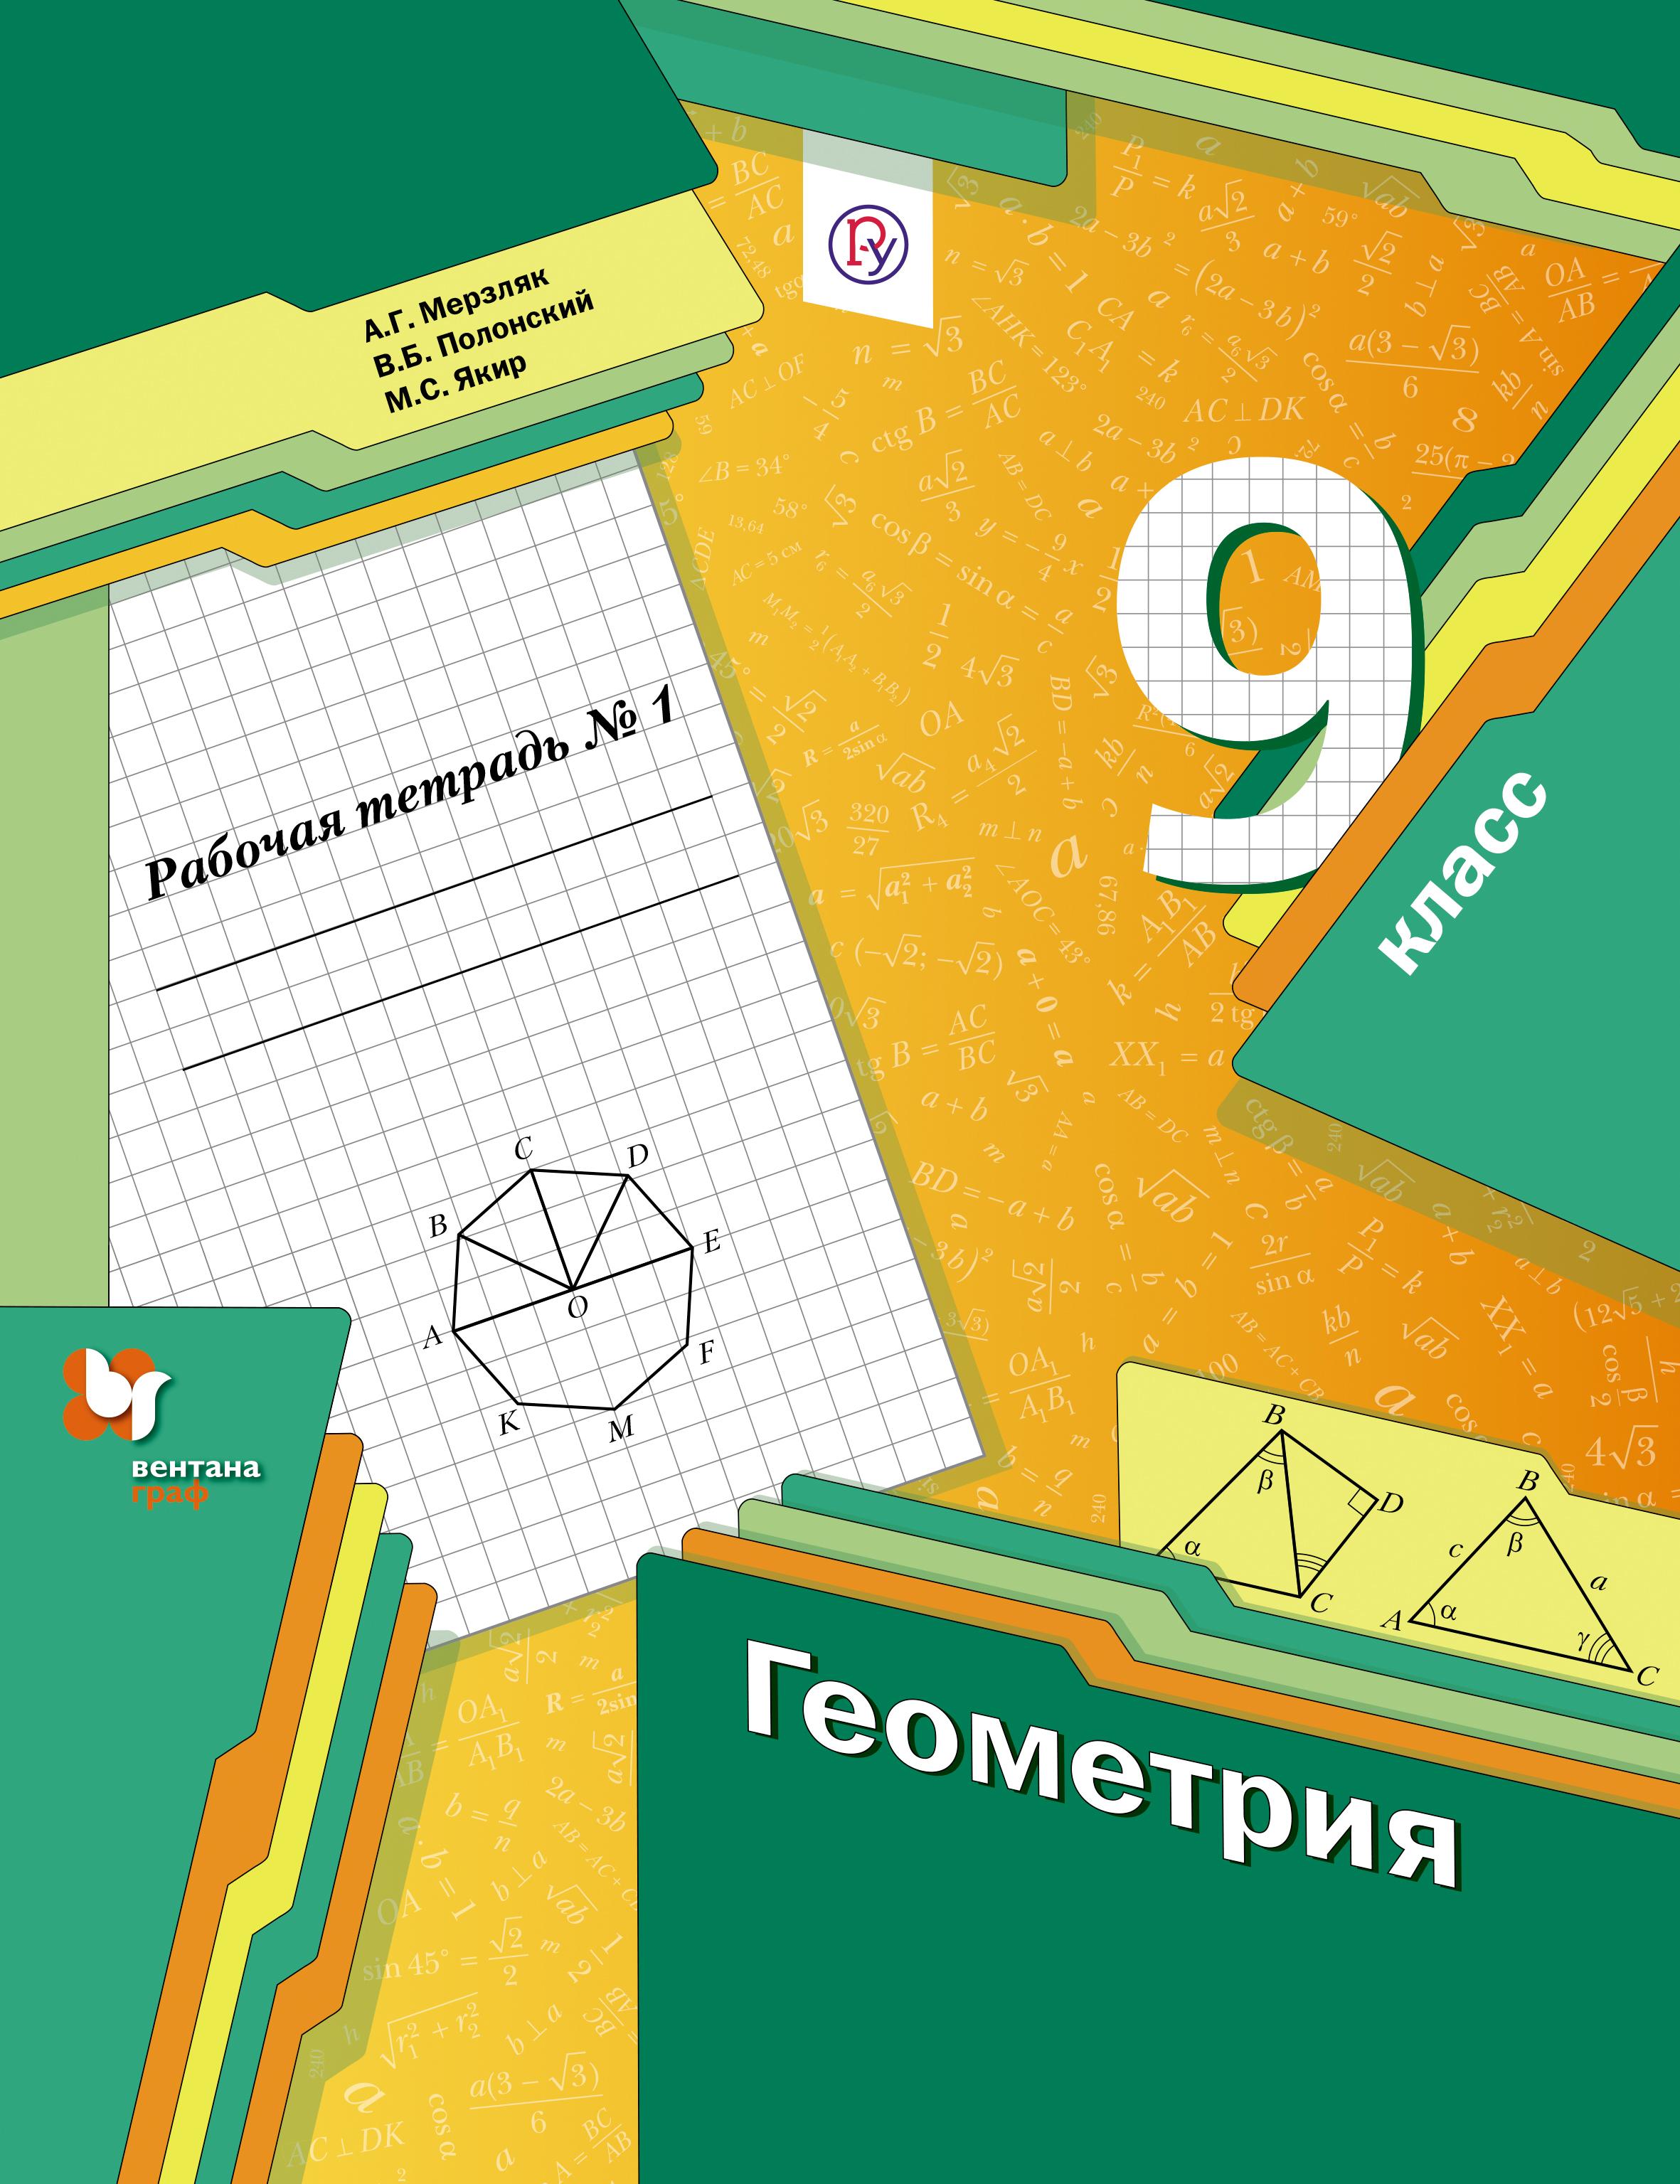 Геометрия. 9класс. Рабочая тетрадь № 1